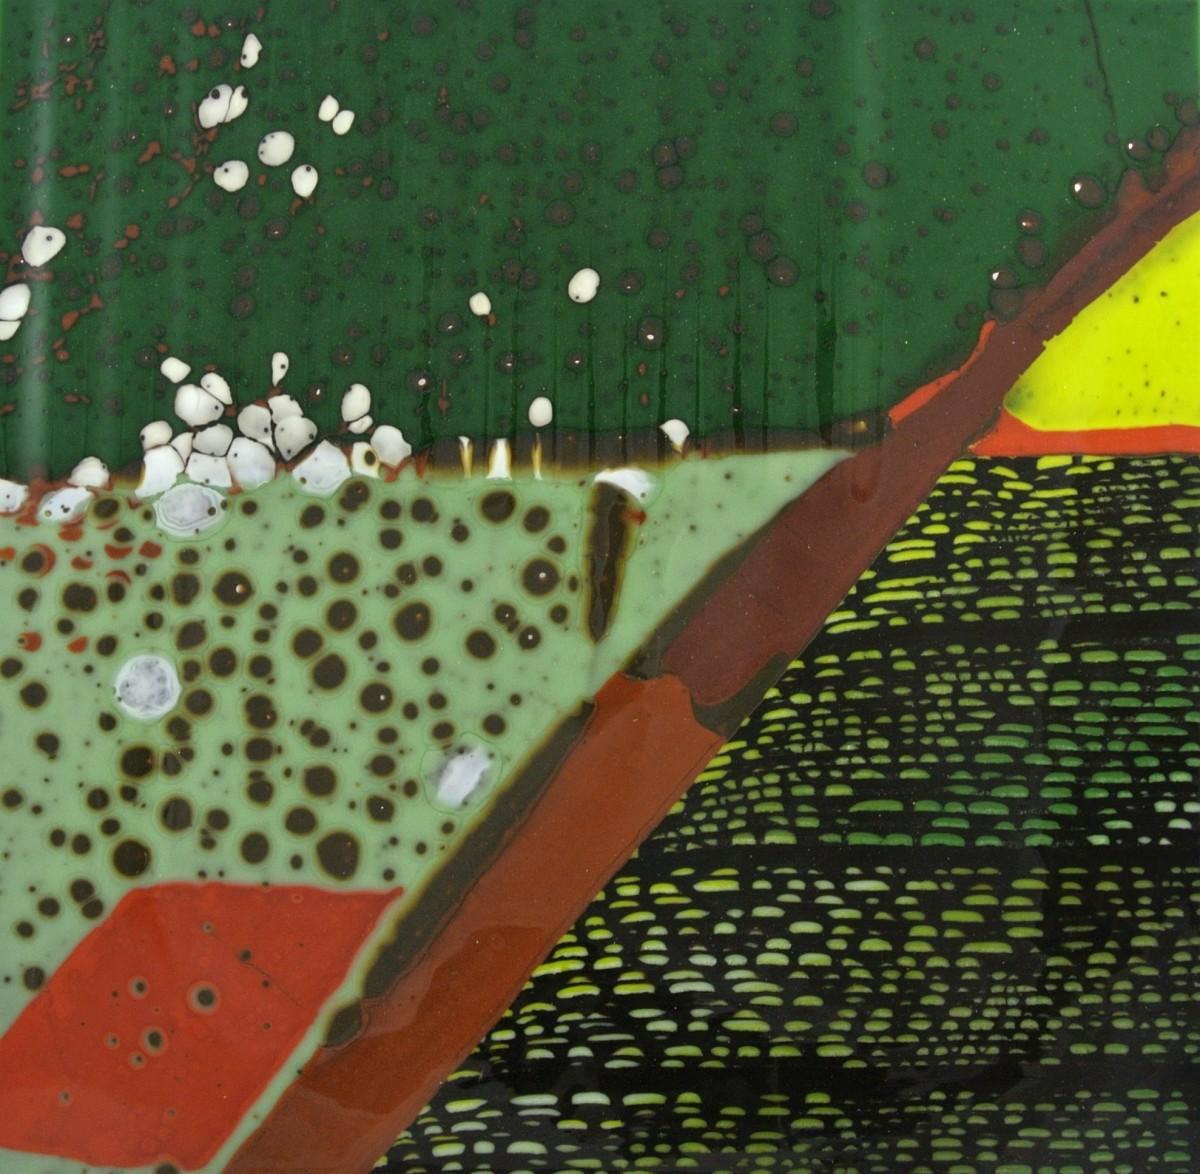 Crossroads: Fields by Silvana Ferrario